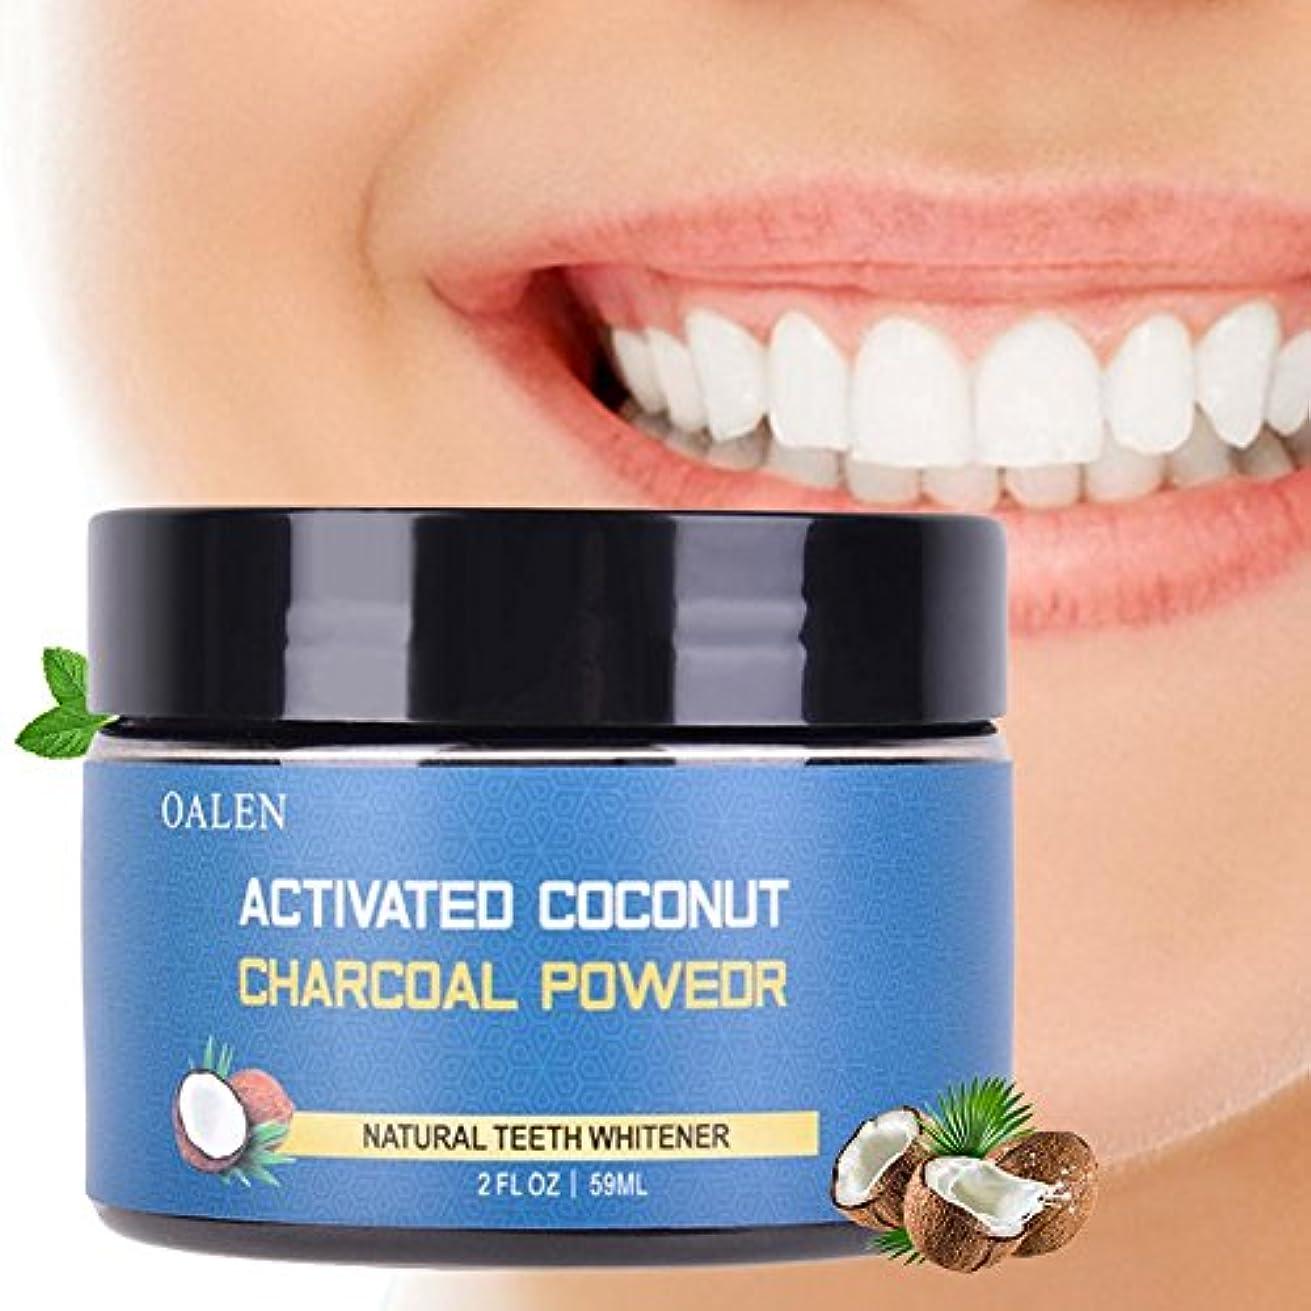 統治するパフしかしながらSILUN 歯磨き粉 ニングパウダー有機 ココナッツ殻活性炭組成デンタルステイン除去 歯美白自然 口腔ケア